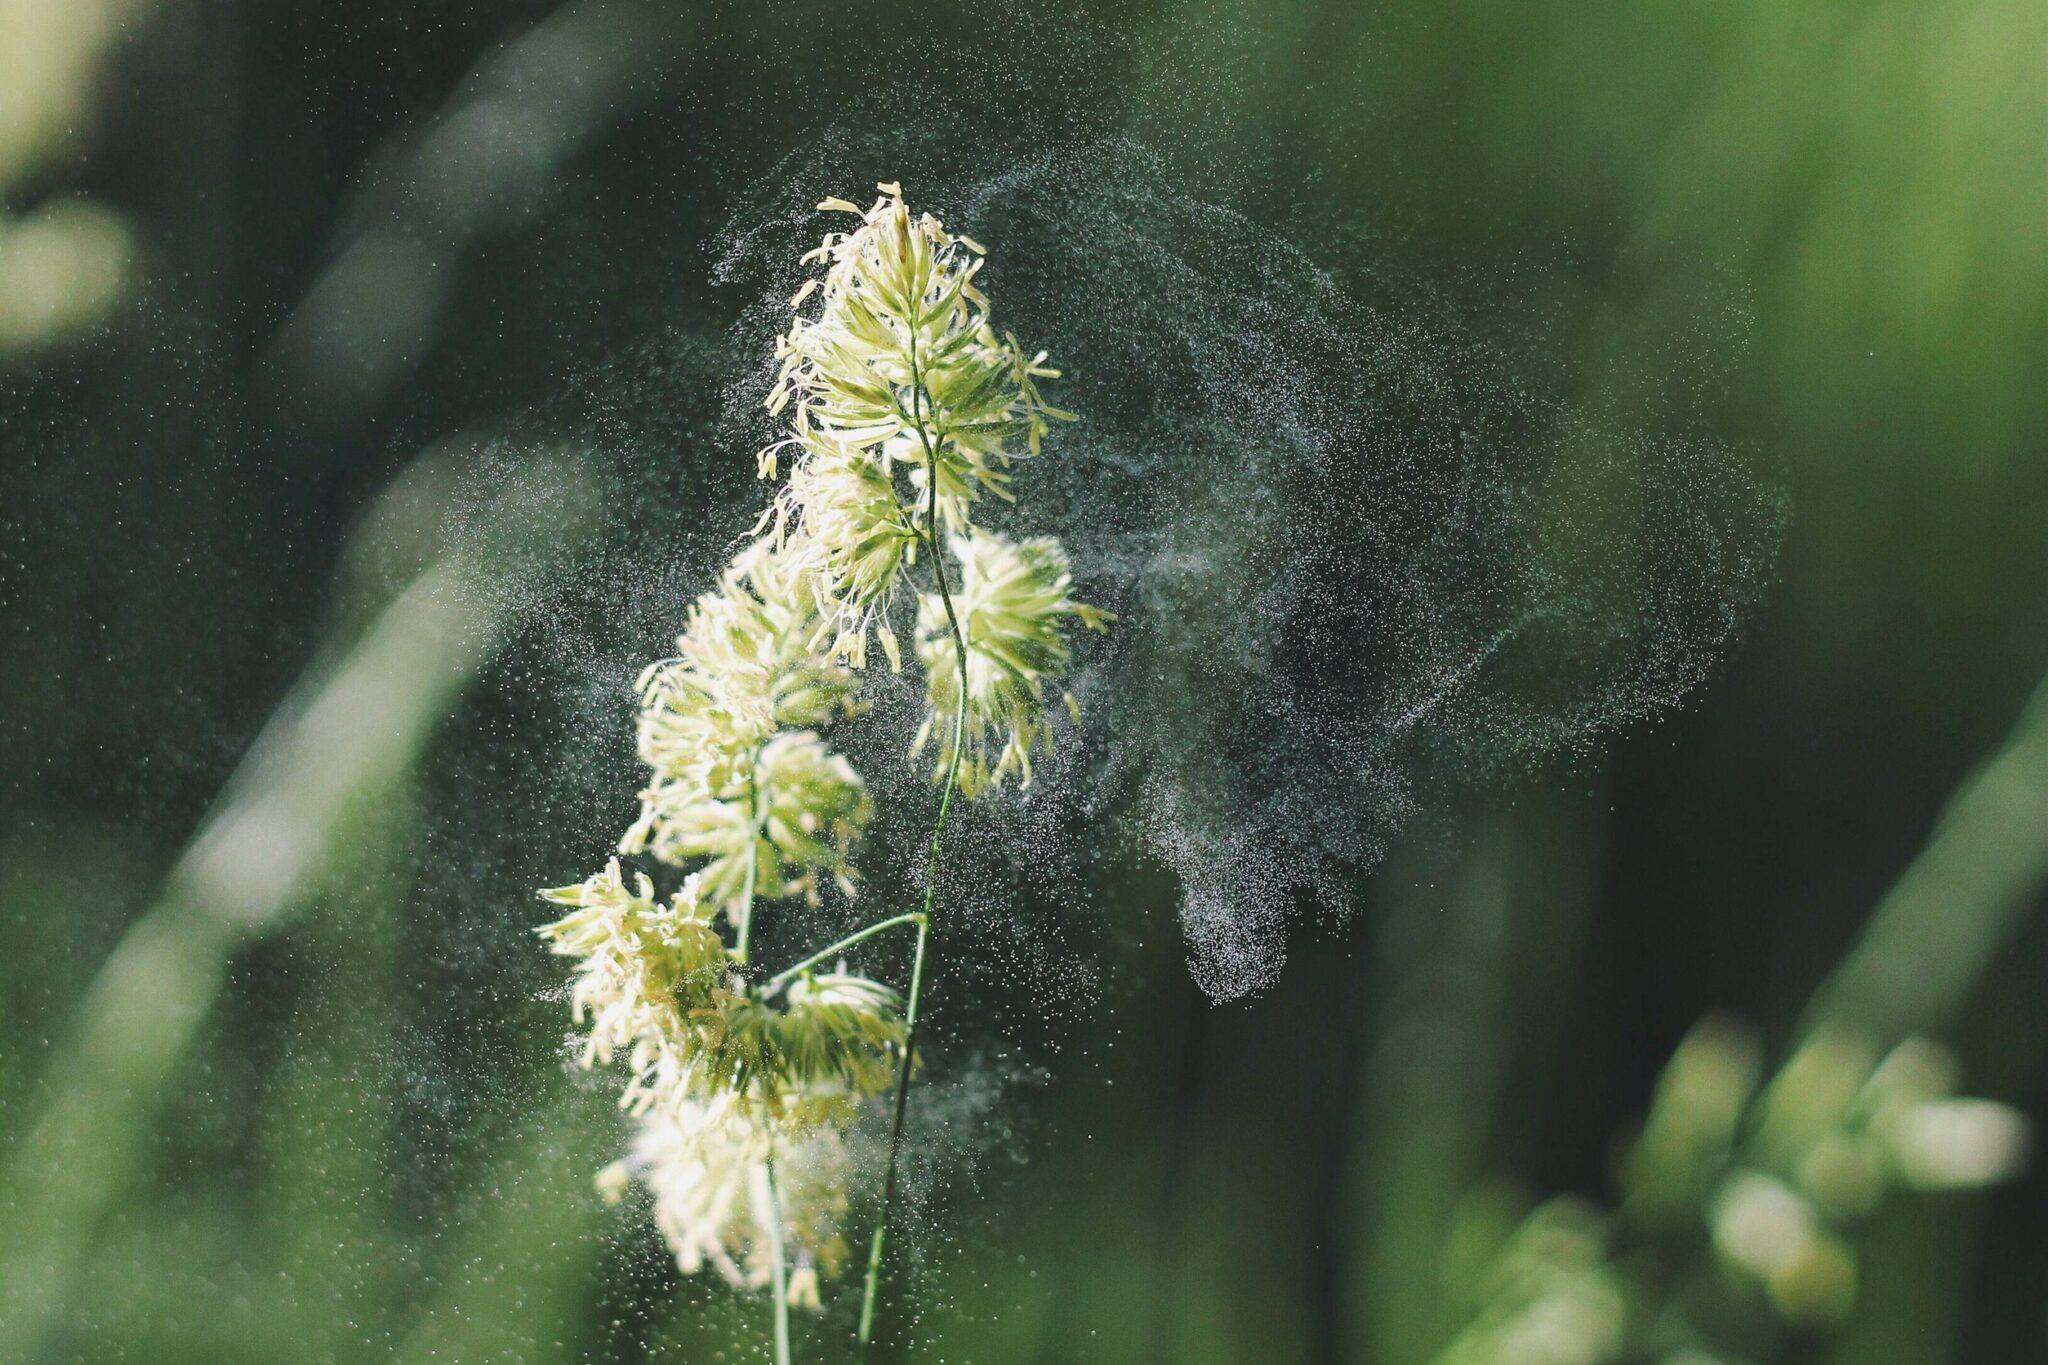 Eine weisse Blume stösst Pollen aus.